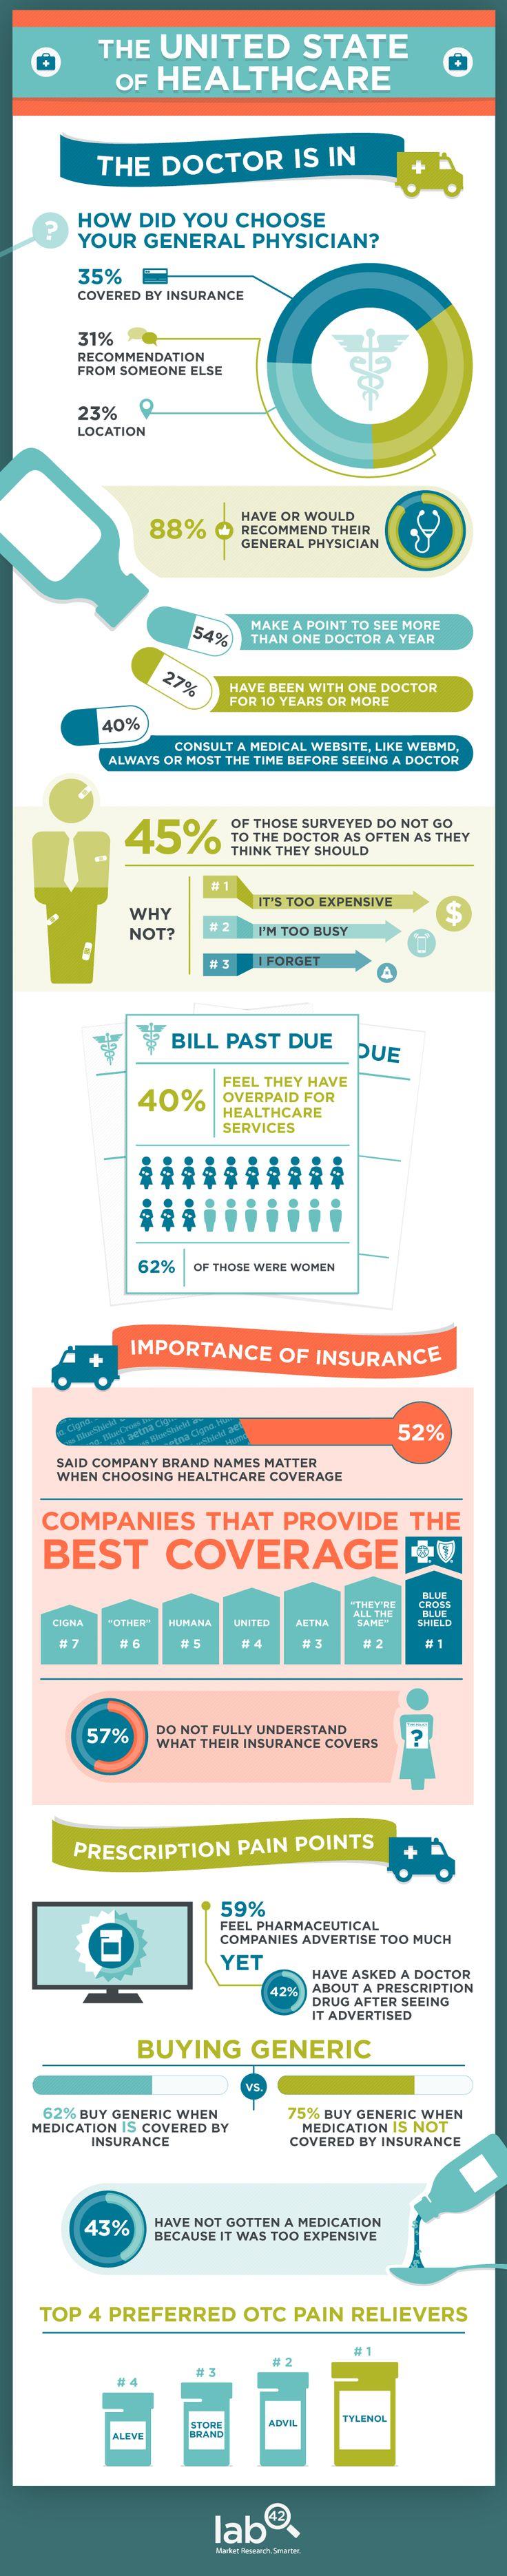 #healthcare choices